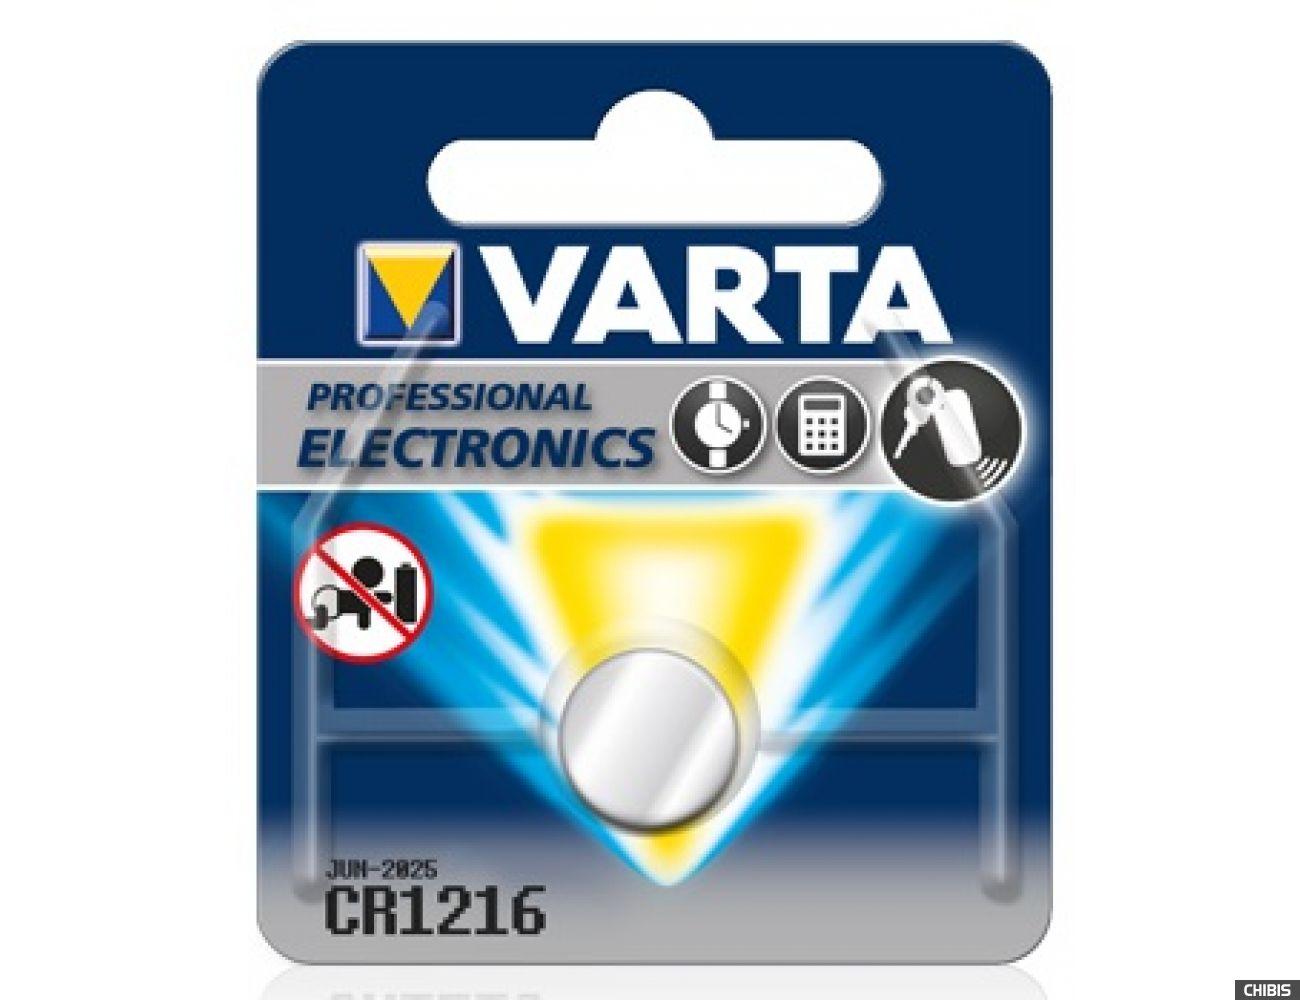 Батарейка Varta CR1216 Professional Electronics(25mAh, 3V, Литиевая) 06216101401